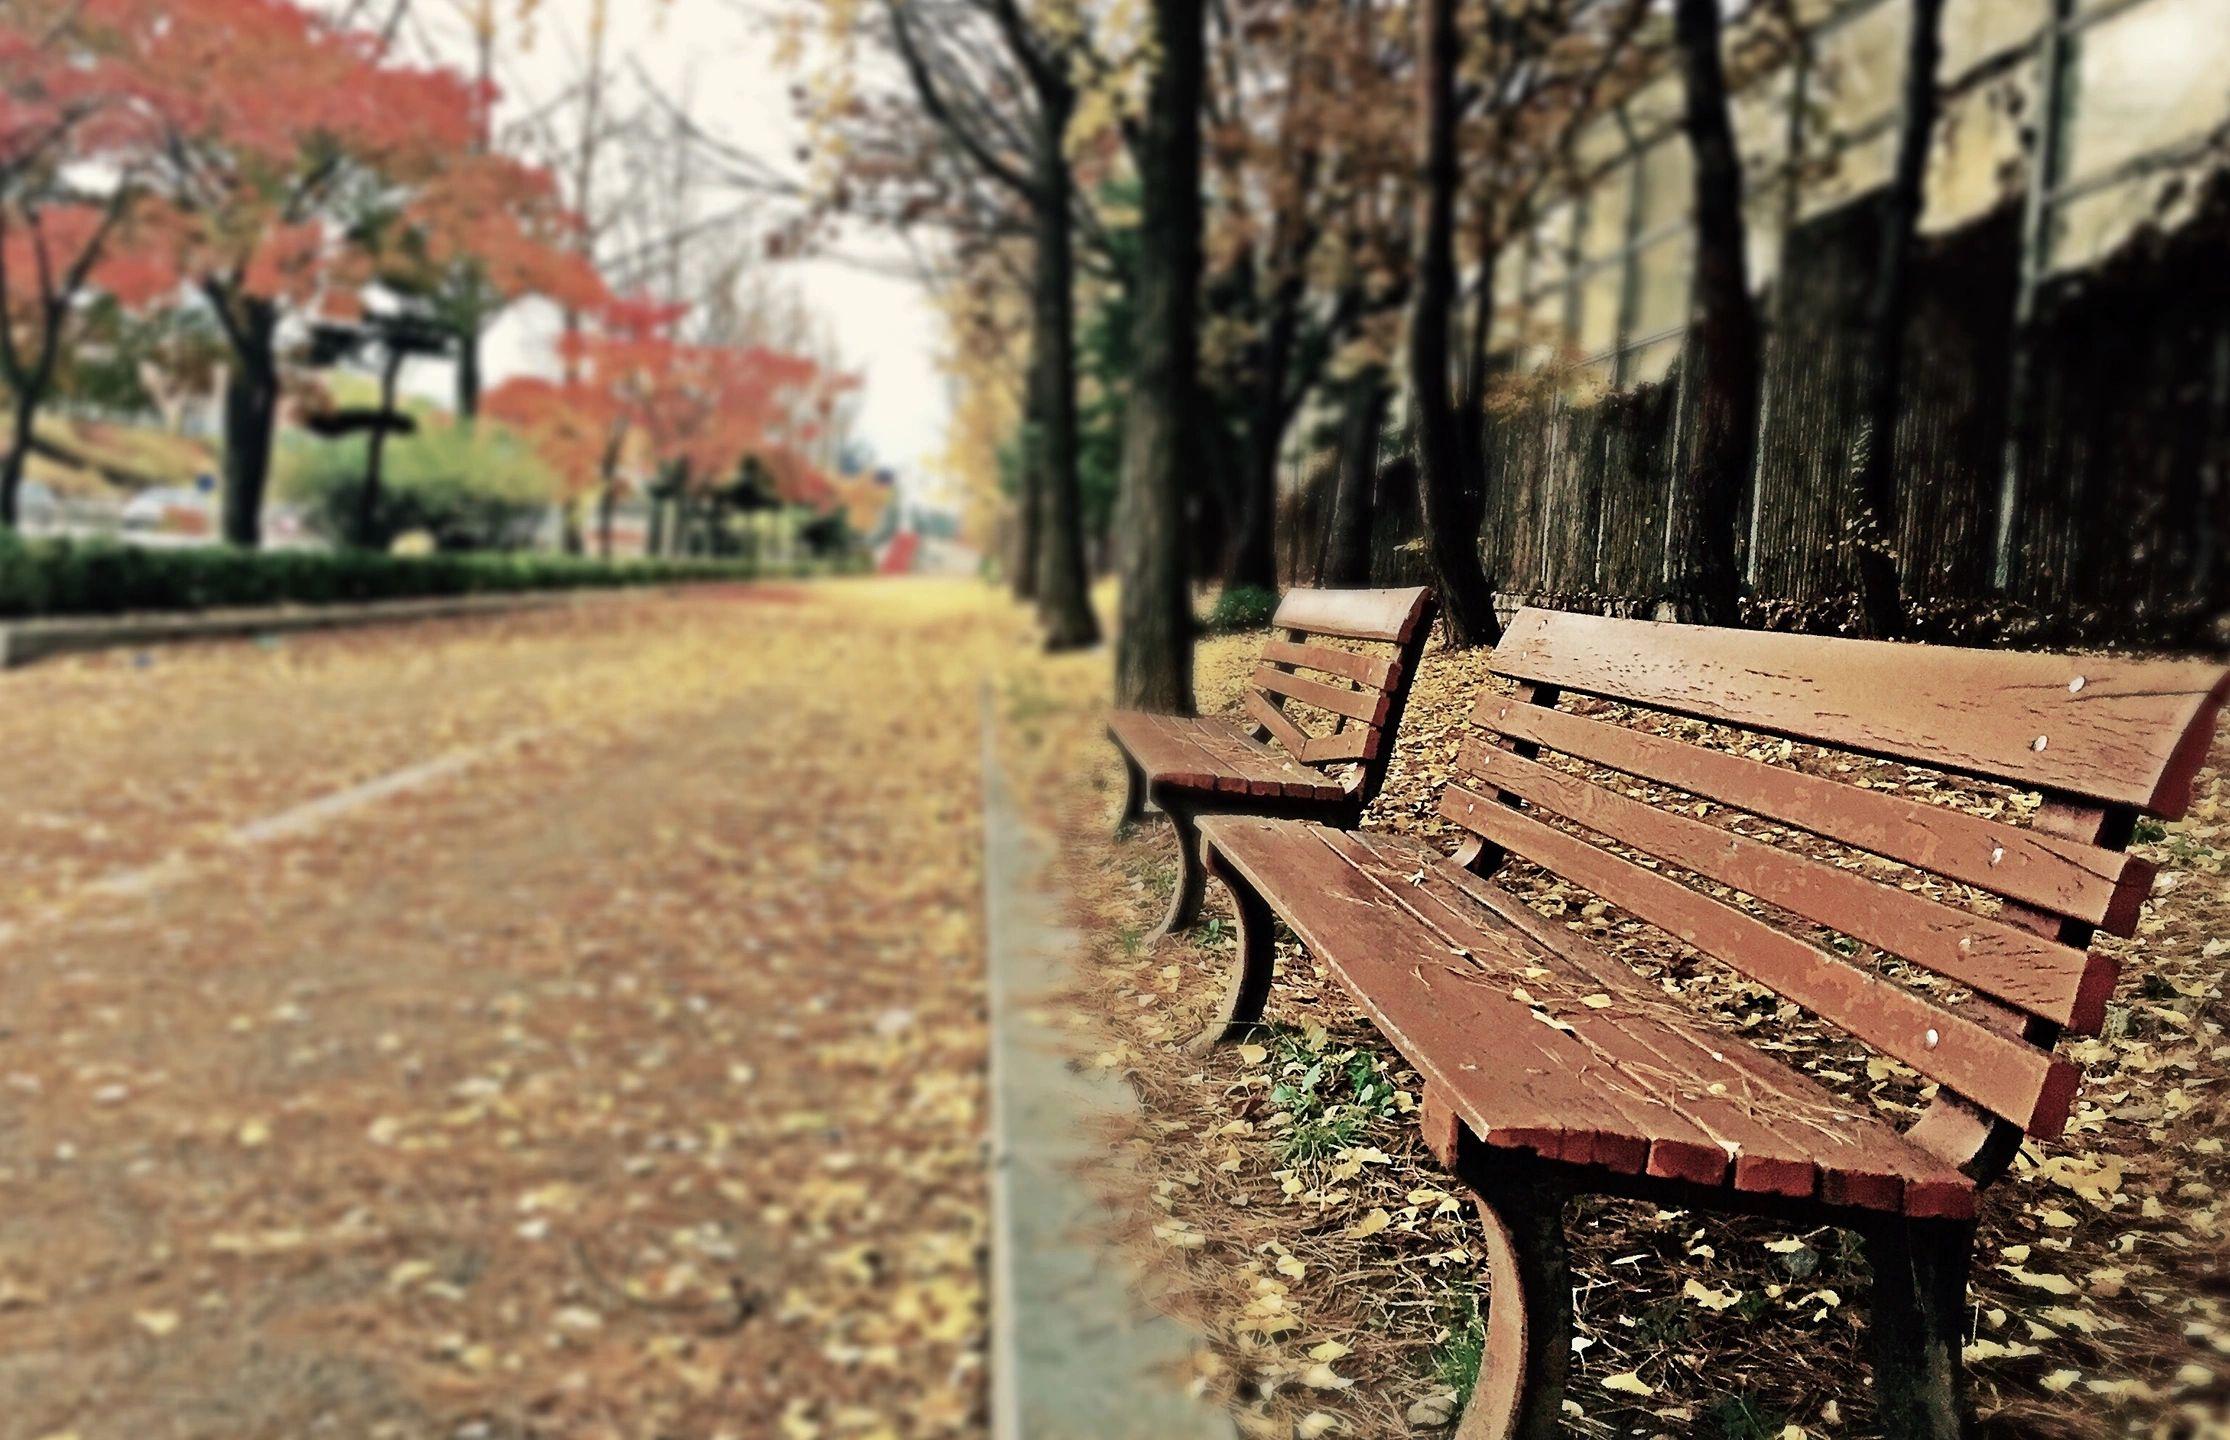 Praça com banco vazio e folhas de outono